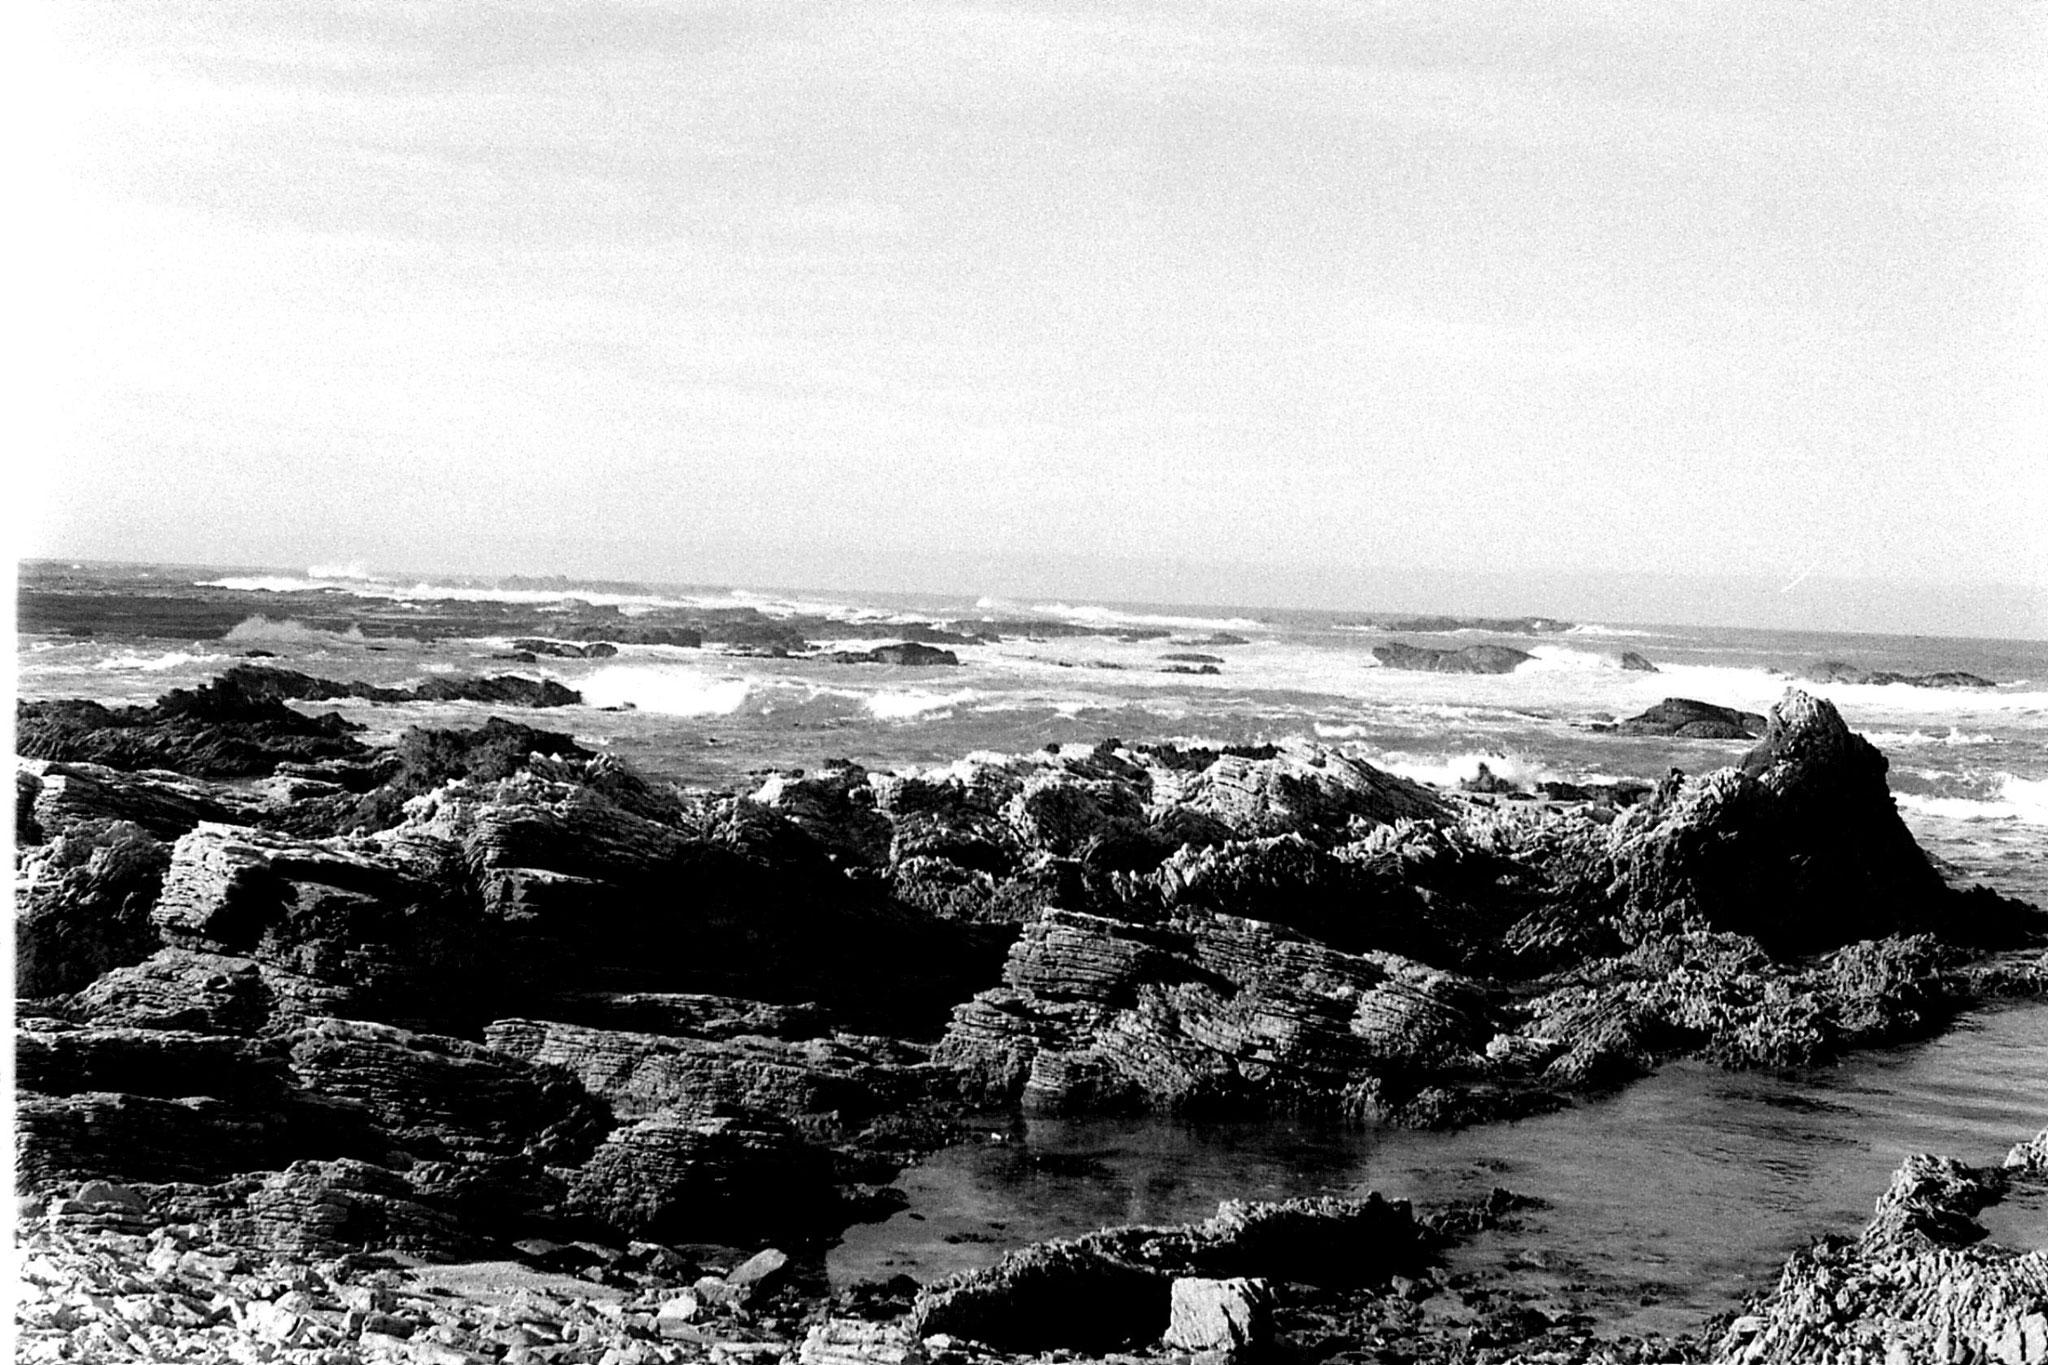 9/8/1990: 22:Kaikoura: seals